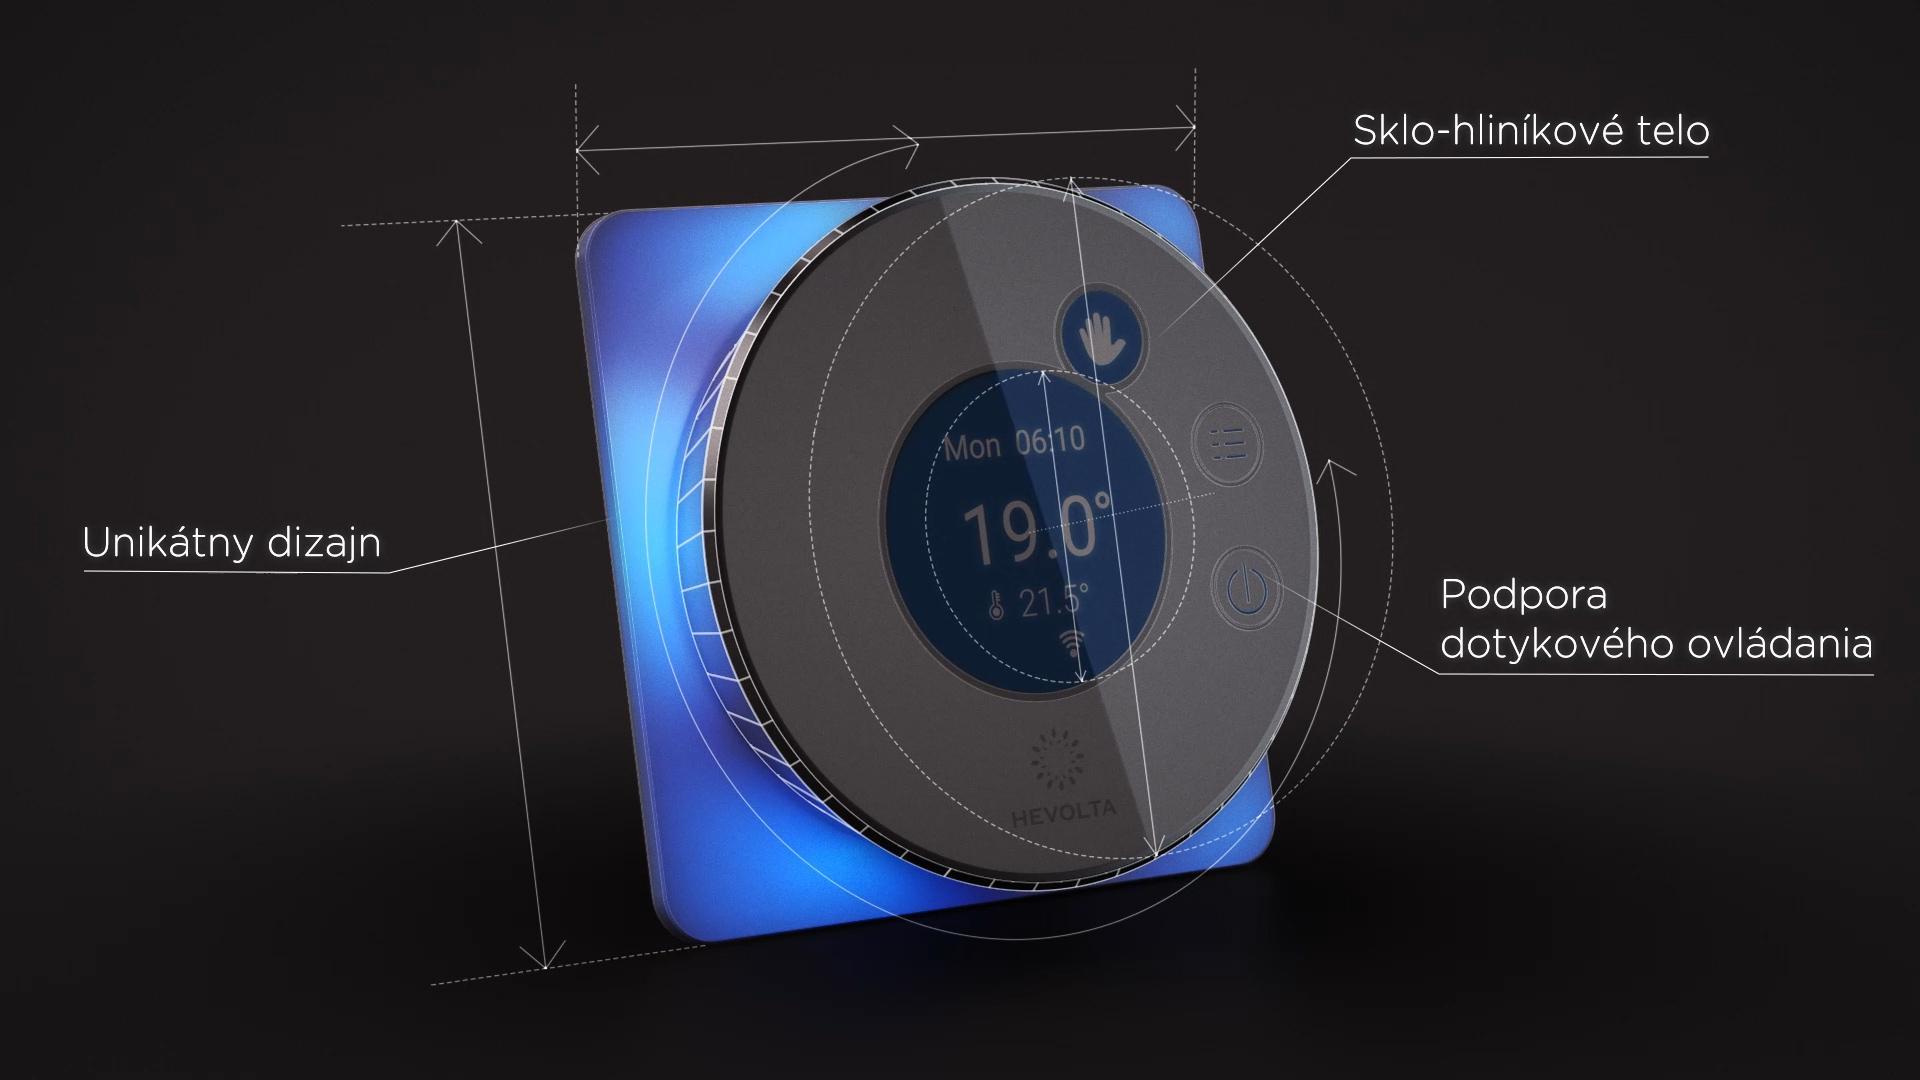 Mind - Smart termostat - Či už investujete do nového bývania alebo rekonštruujete staré, inteligentný termostat Mind sa svojím unikátnym dizajnom prispôsobí akémukoľvek priestoru.